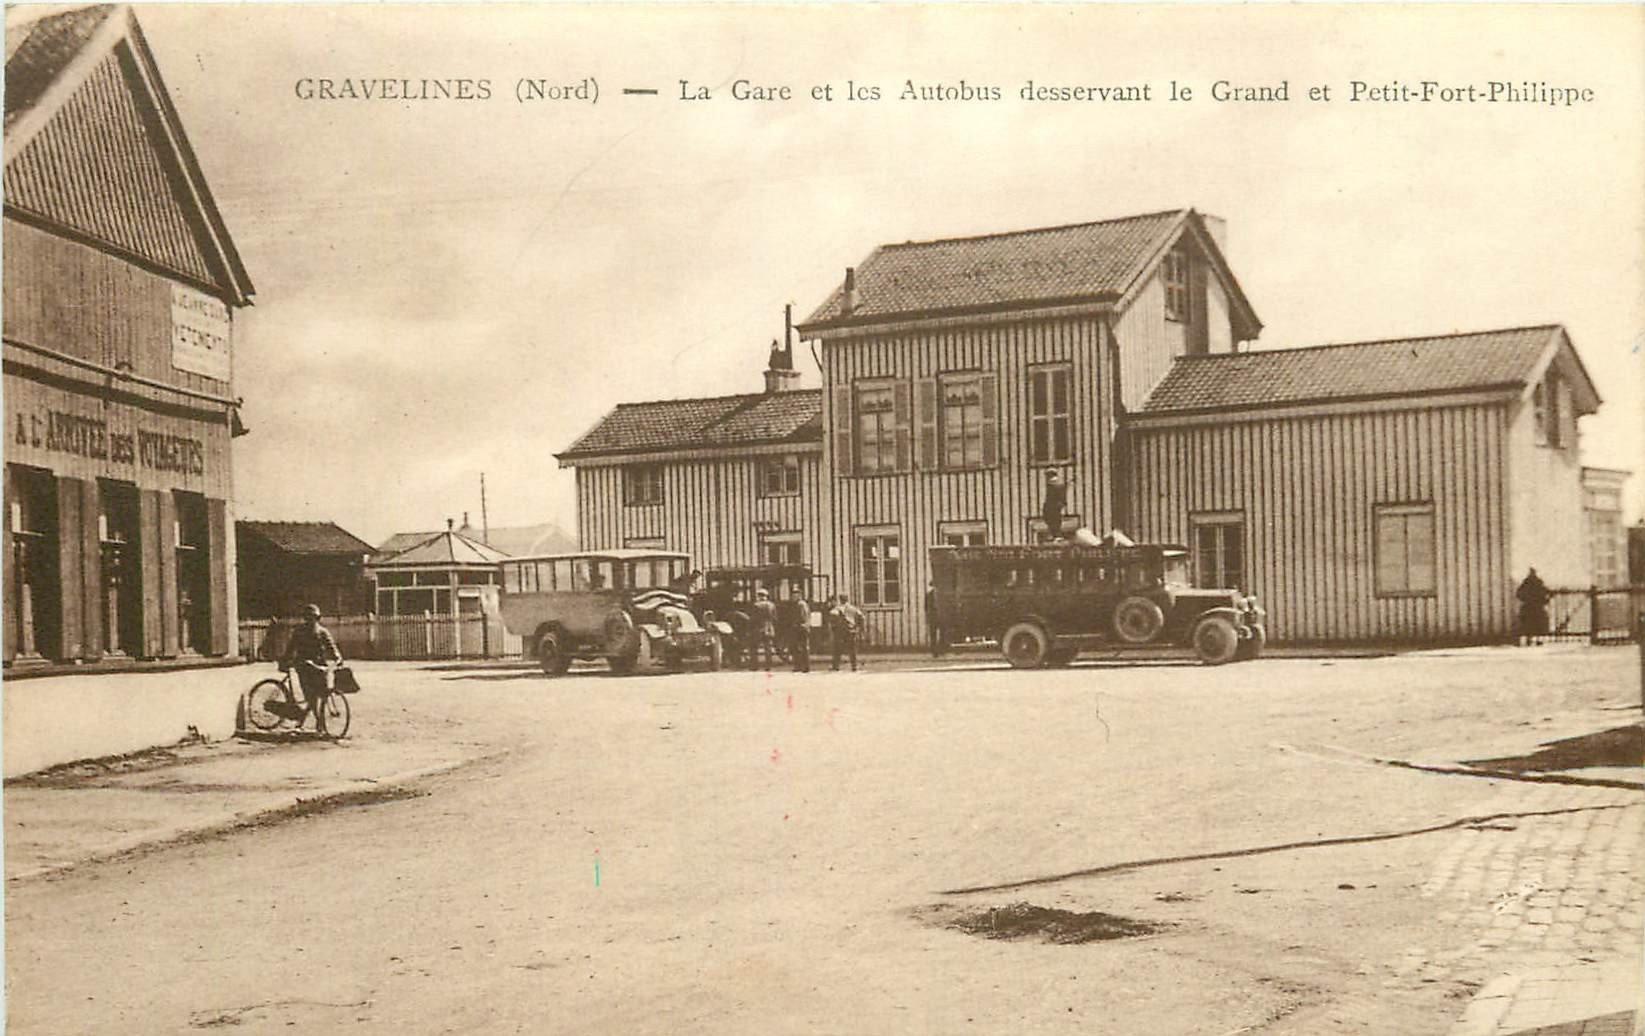 WW 59 GRAVELINES. La Gare et les Autobus du Grand et Petit Fort Philippe